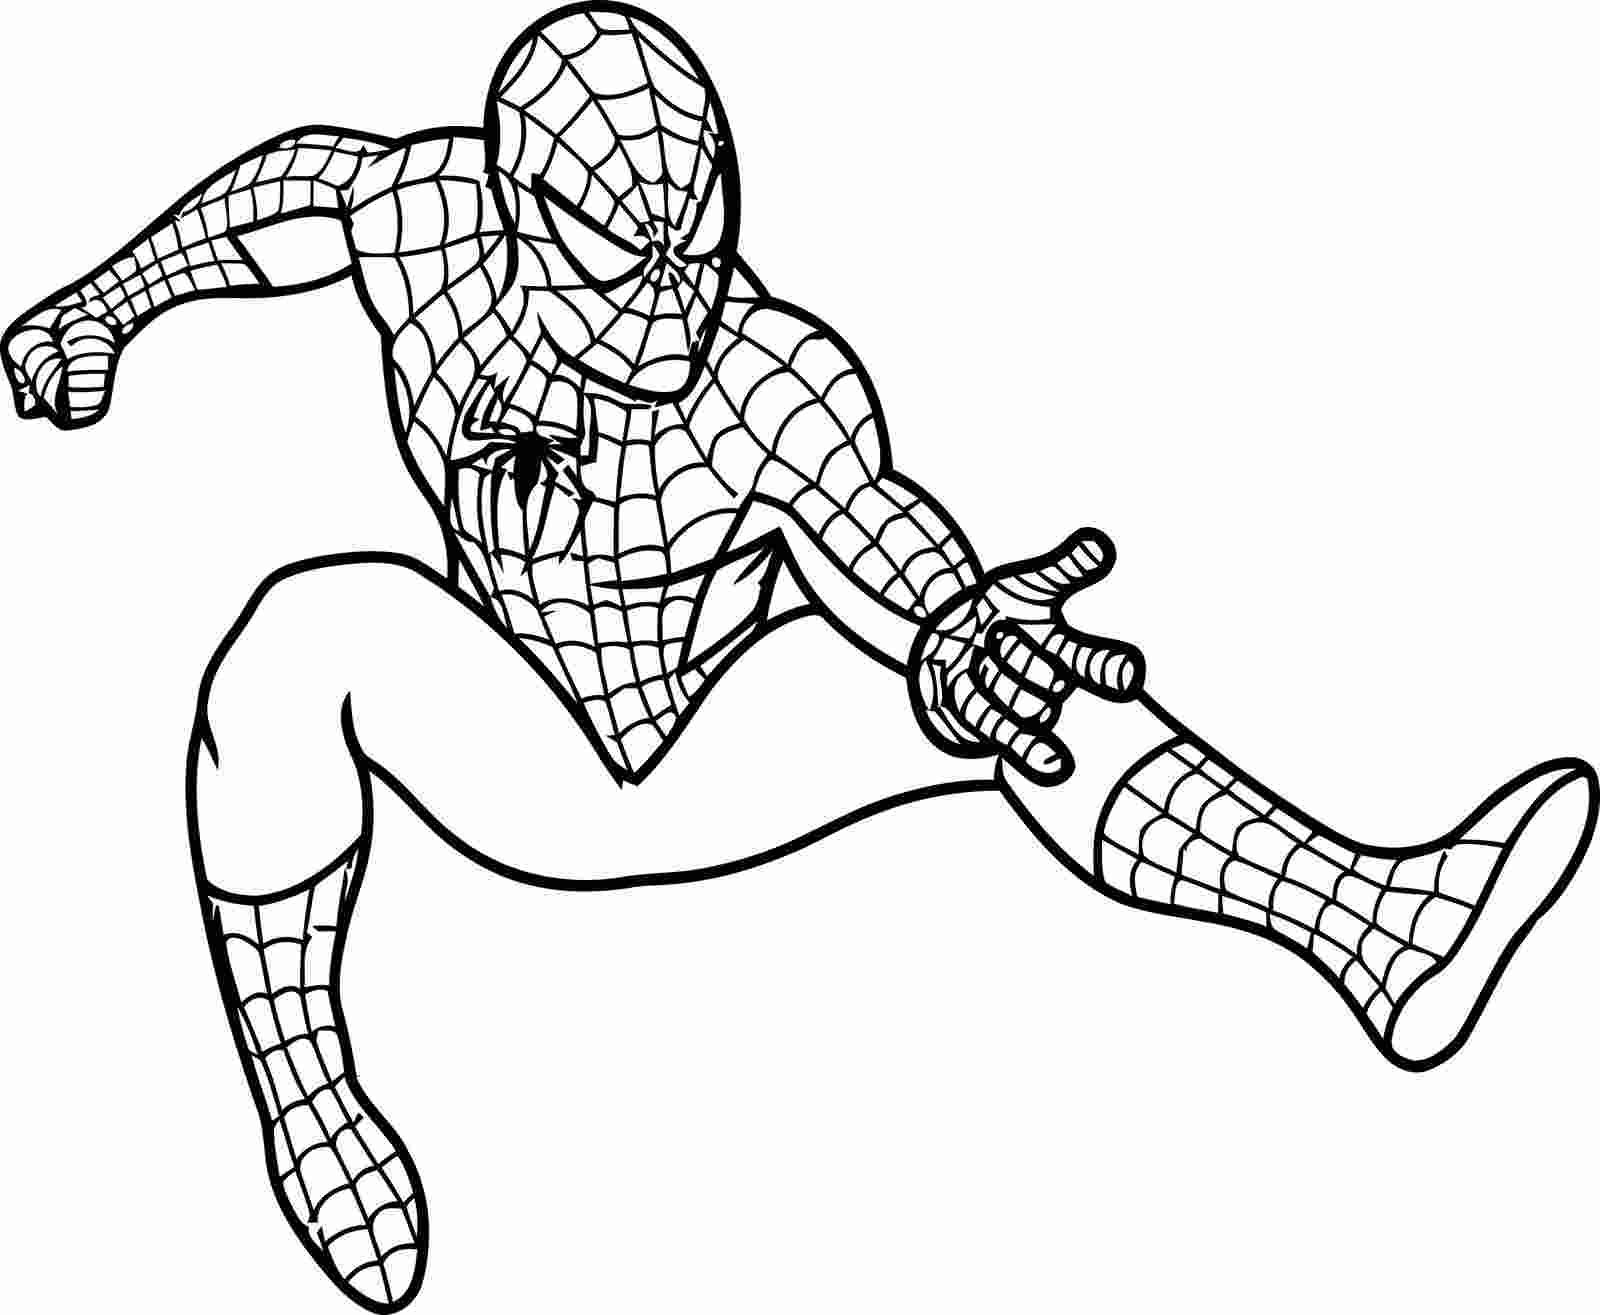 Coloring Pages Of Spiderman Cartoon Videos Pagine Da Colorare Per Adulti Disegni Da Colorare Lego Libri Da Colorare